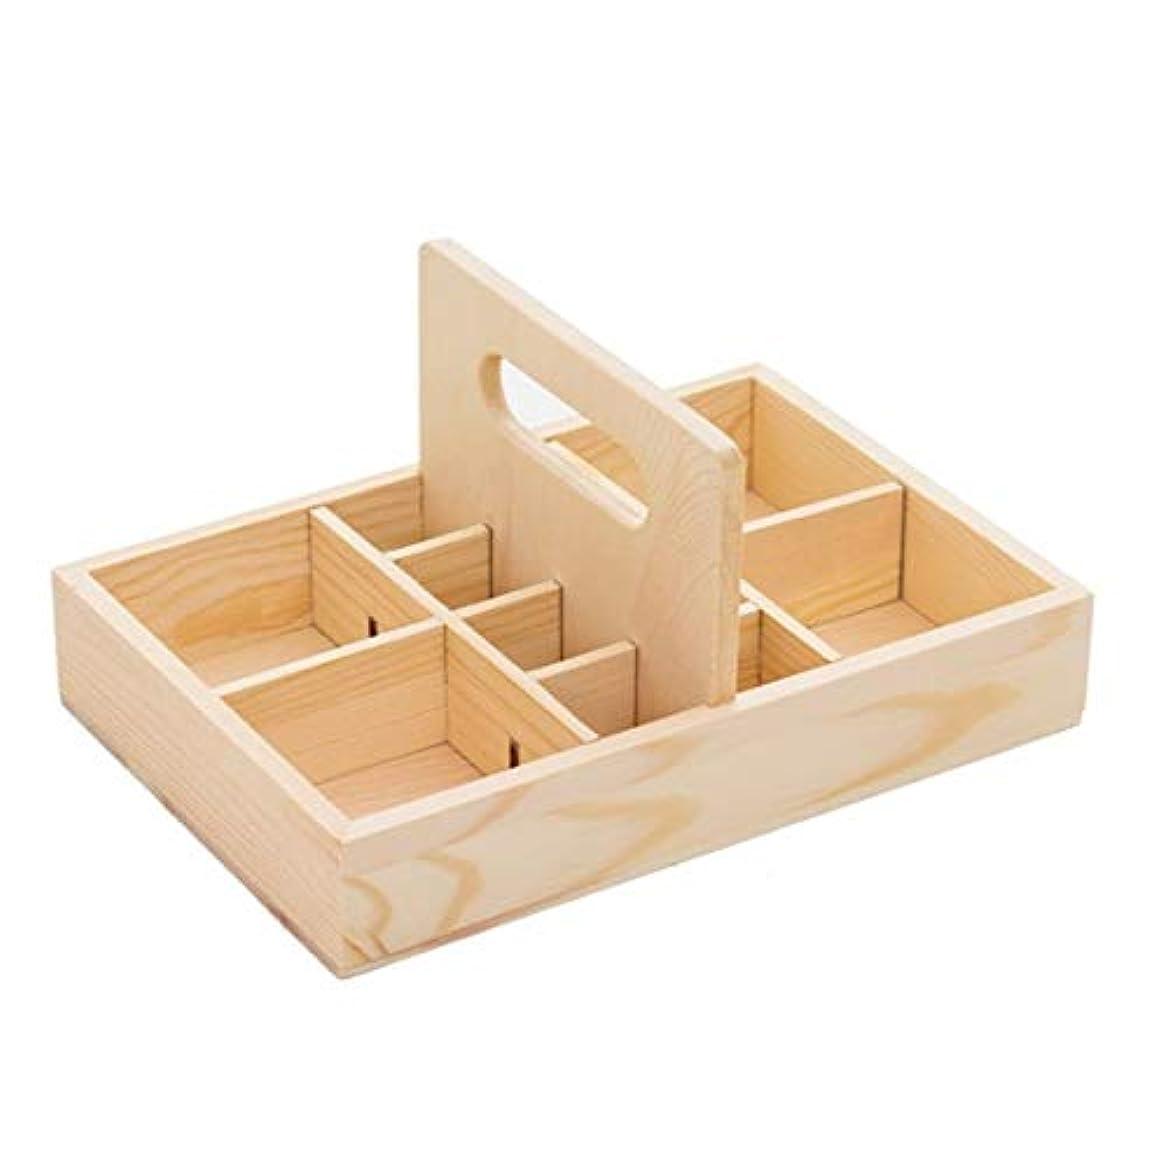 形式グッゲンハイム美術館メディックキャリー付きエッセンシャルオイルストレージボックスオーガナイザーは木製オイルケースホルダーをハンドル アロマセラピー製品 (色 : Natural, サイズ : 22X15X4.2CM)